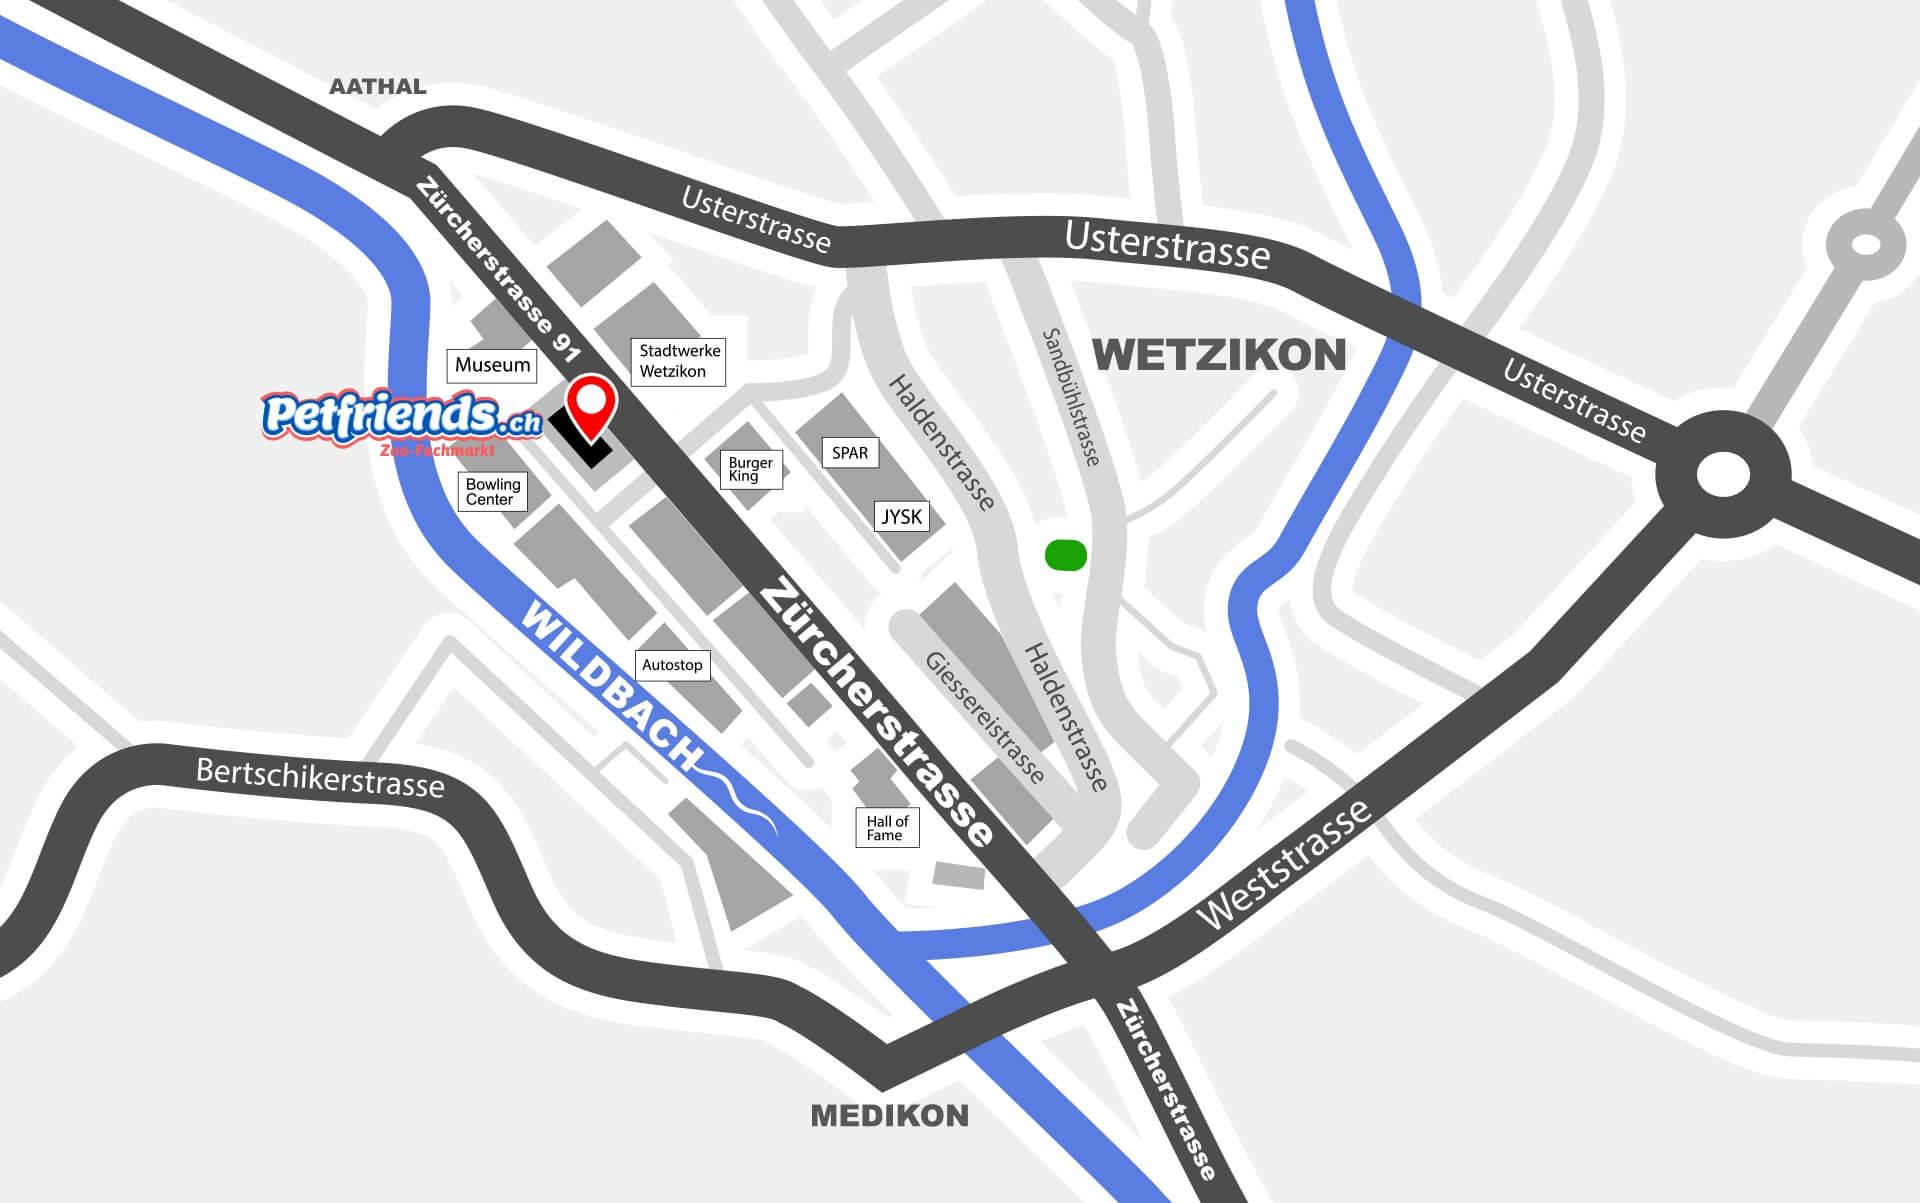 Plan Wetzikon